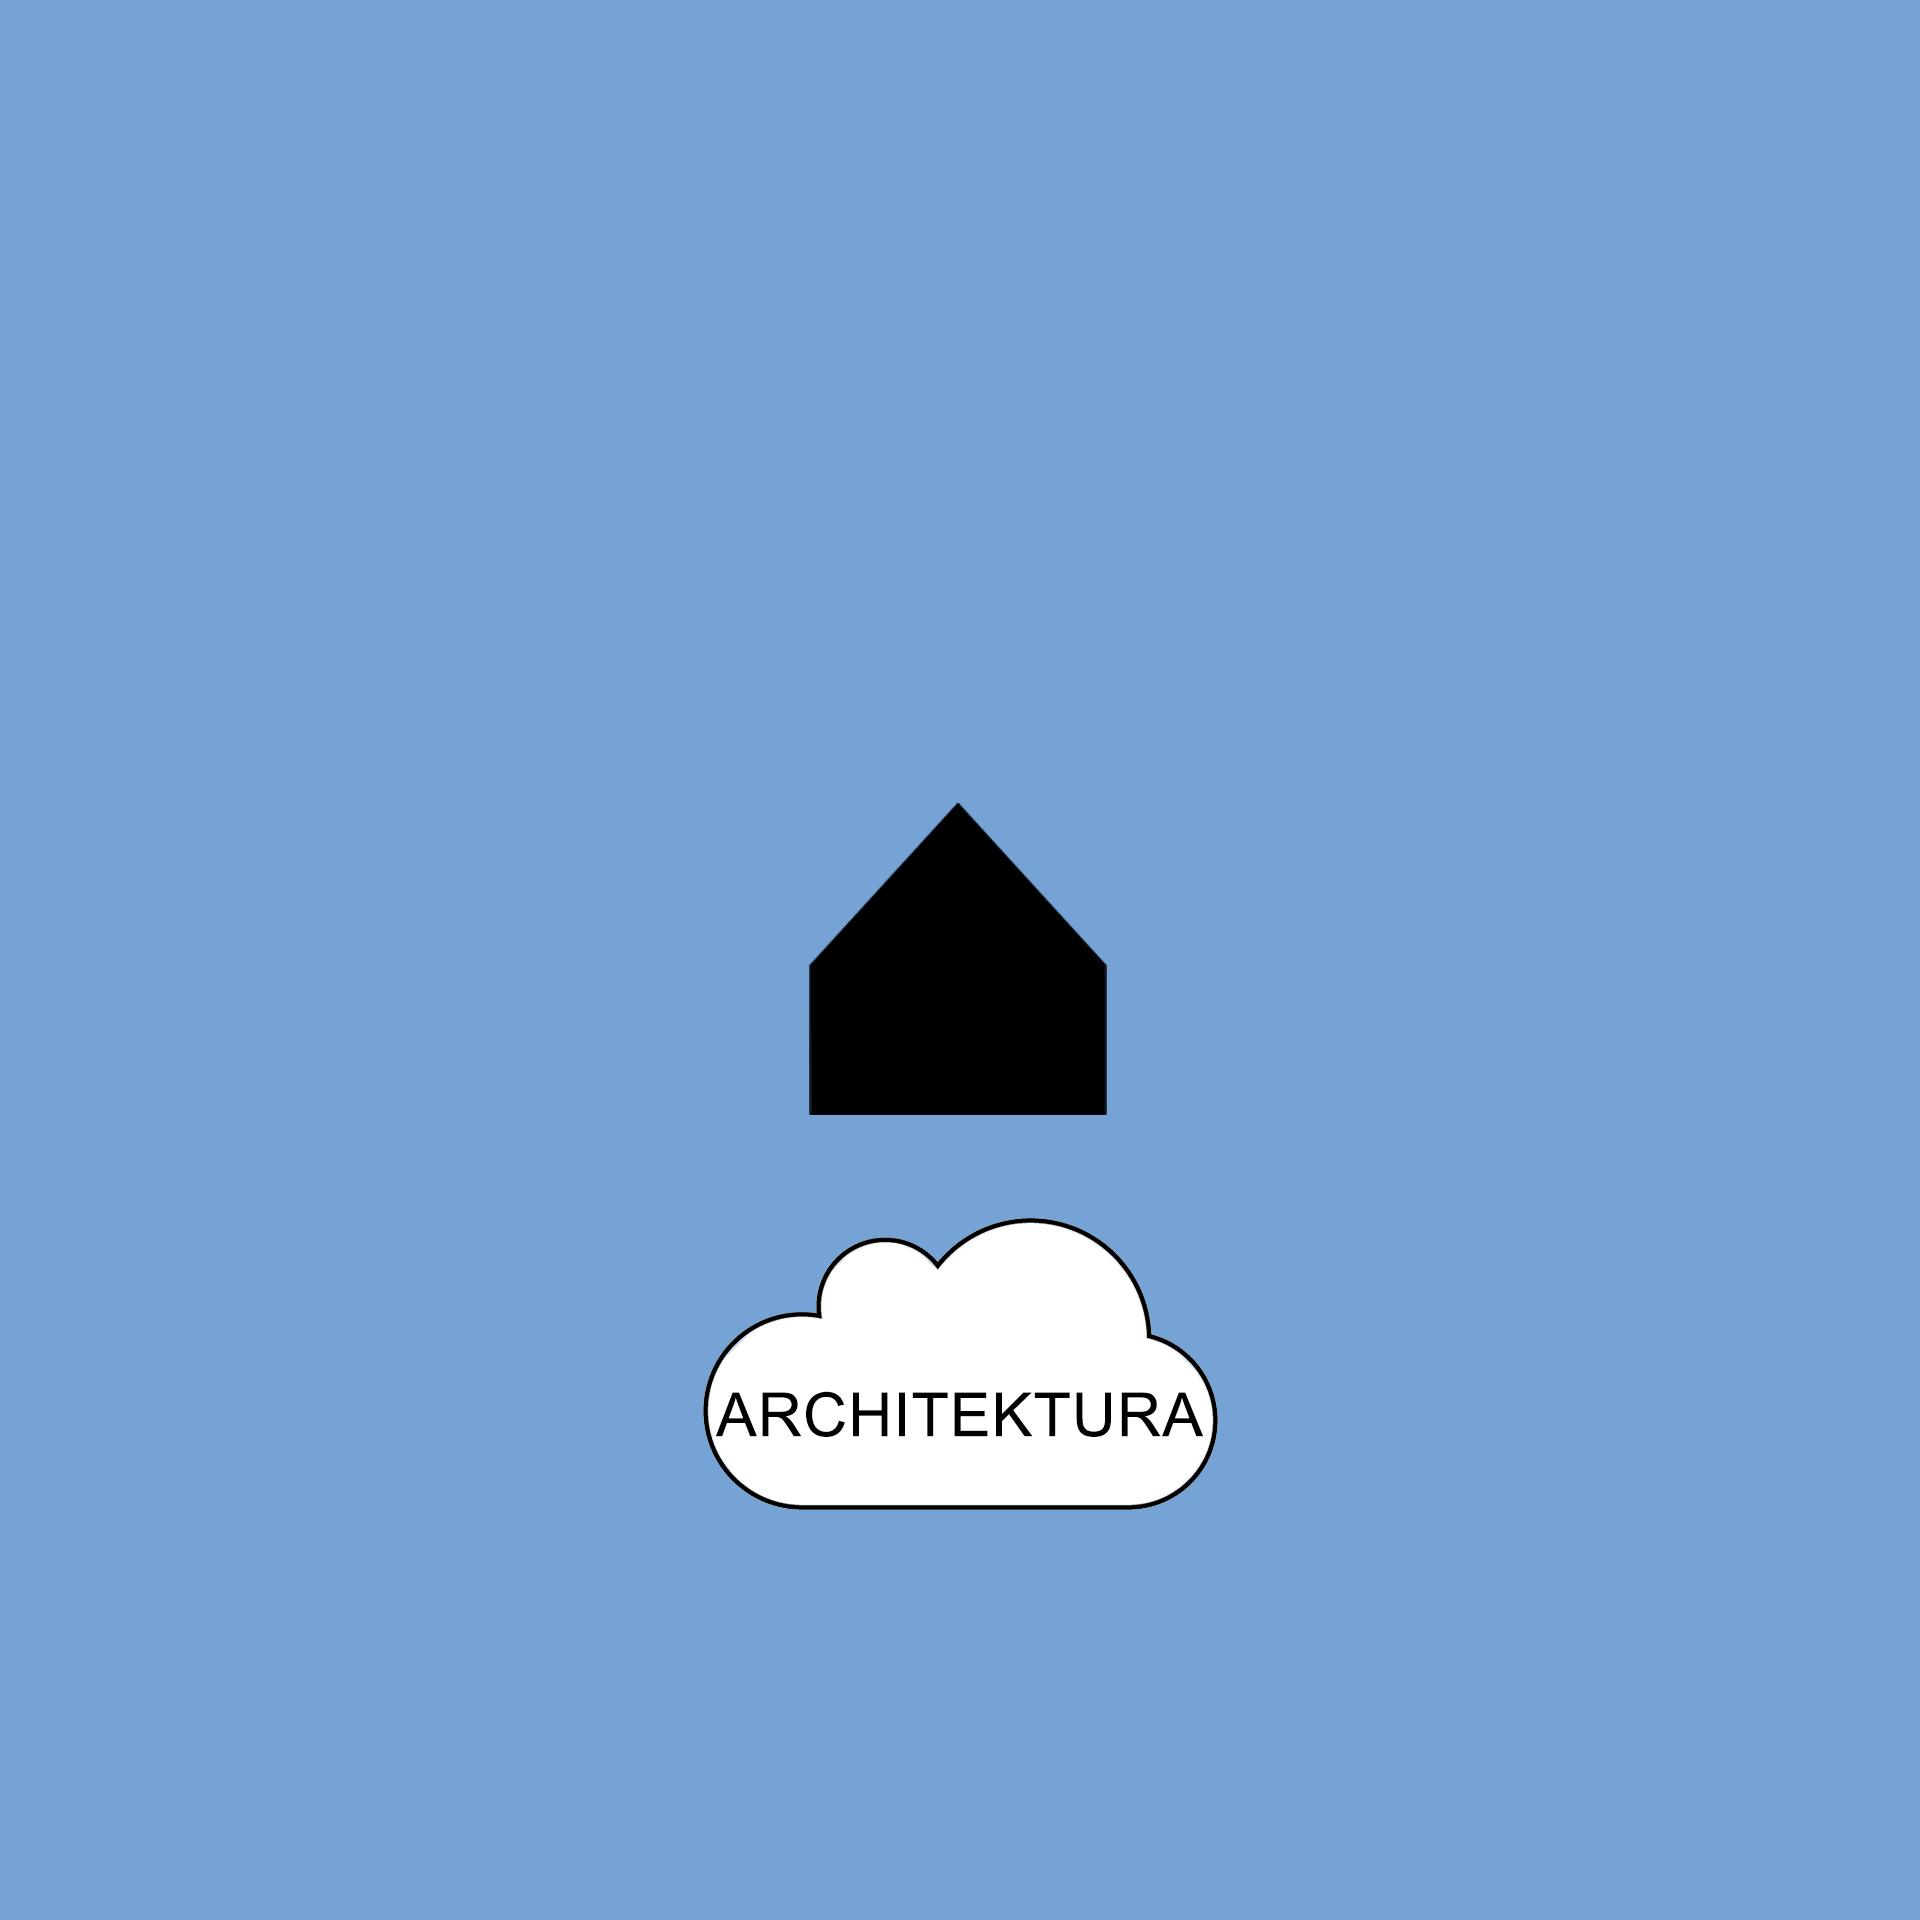 Latająca stodoła - architektura